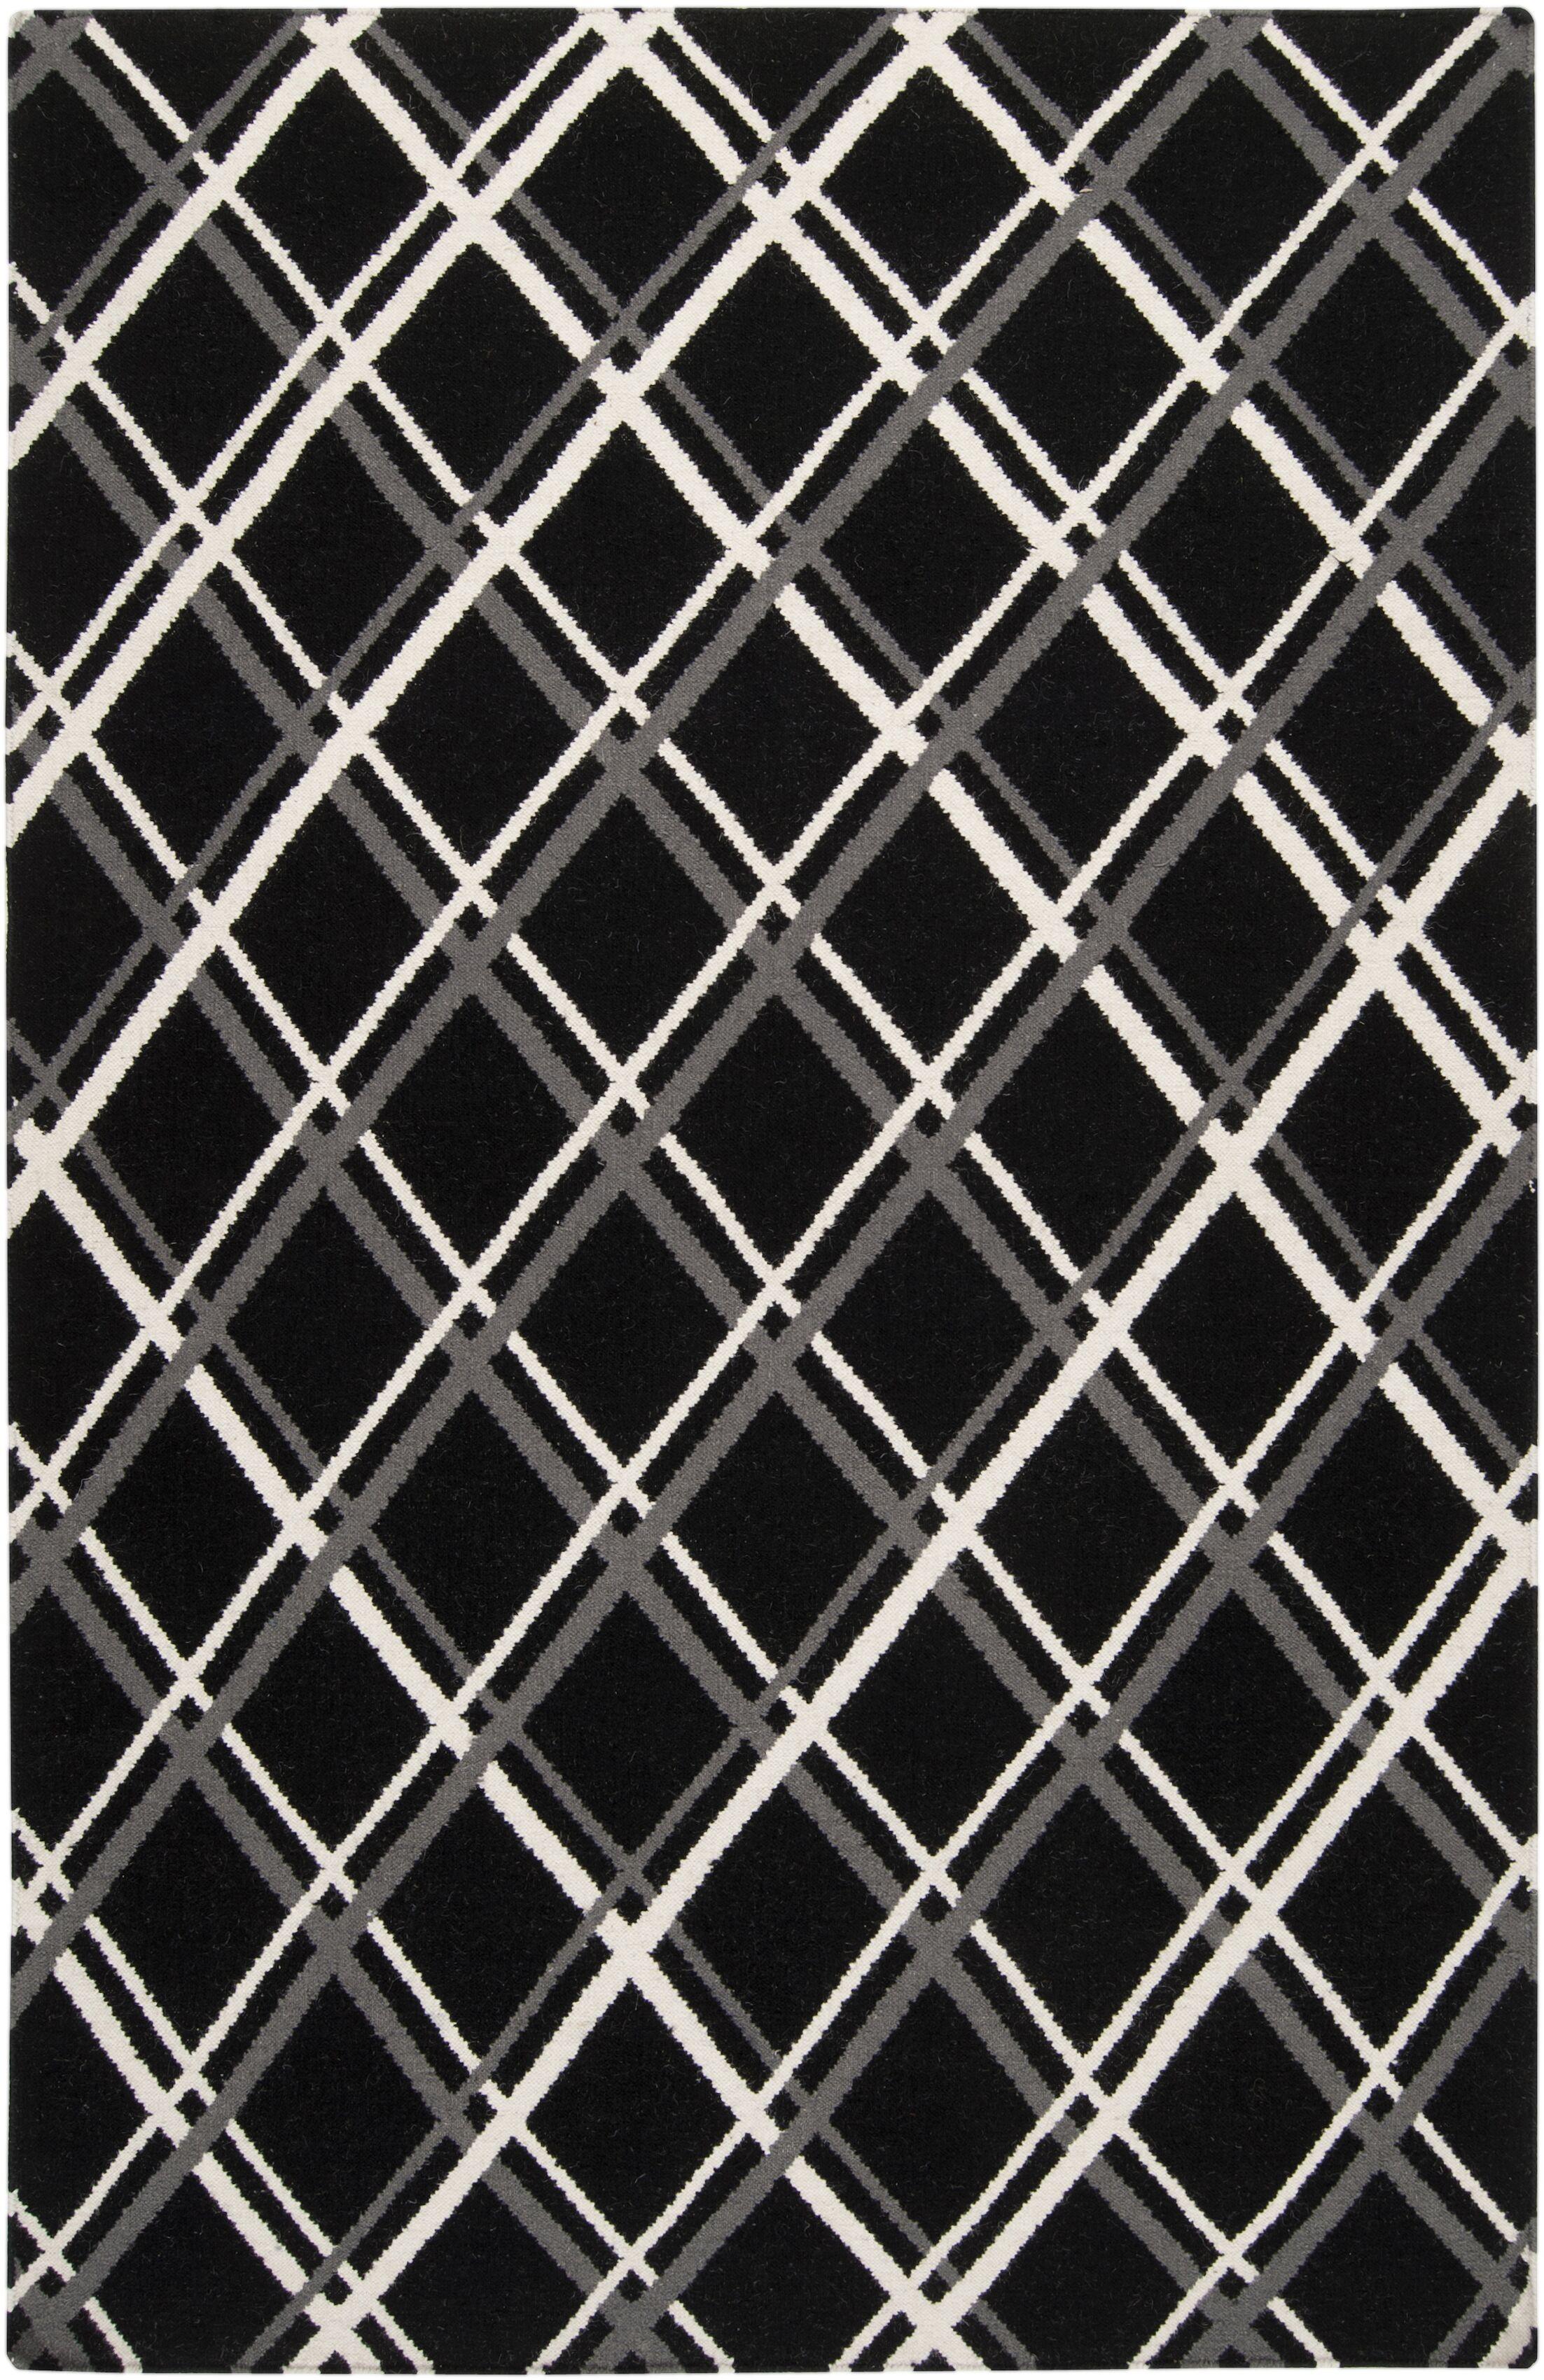 Ketner Black Area Rug Rug Size: Rectangle 5' x 8'